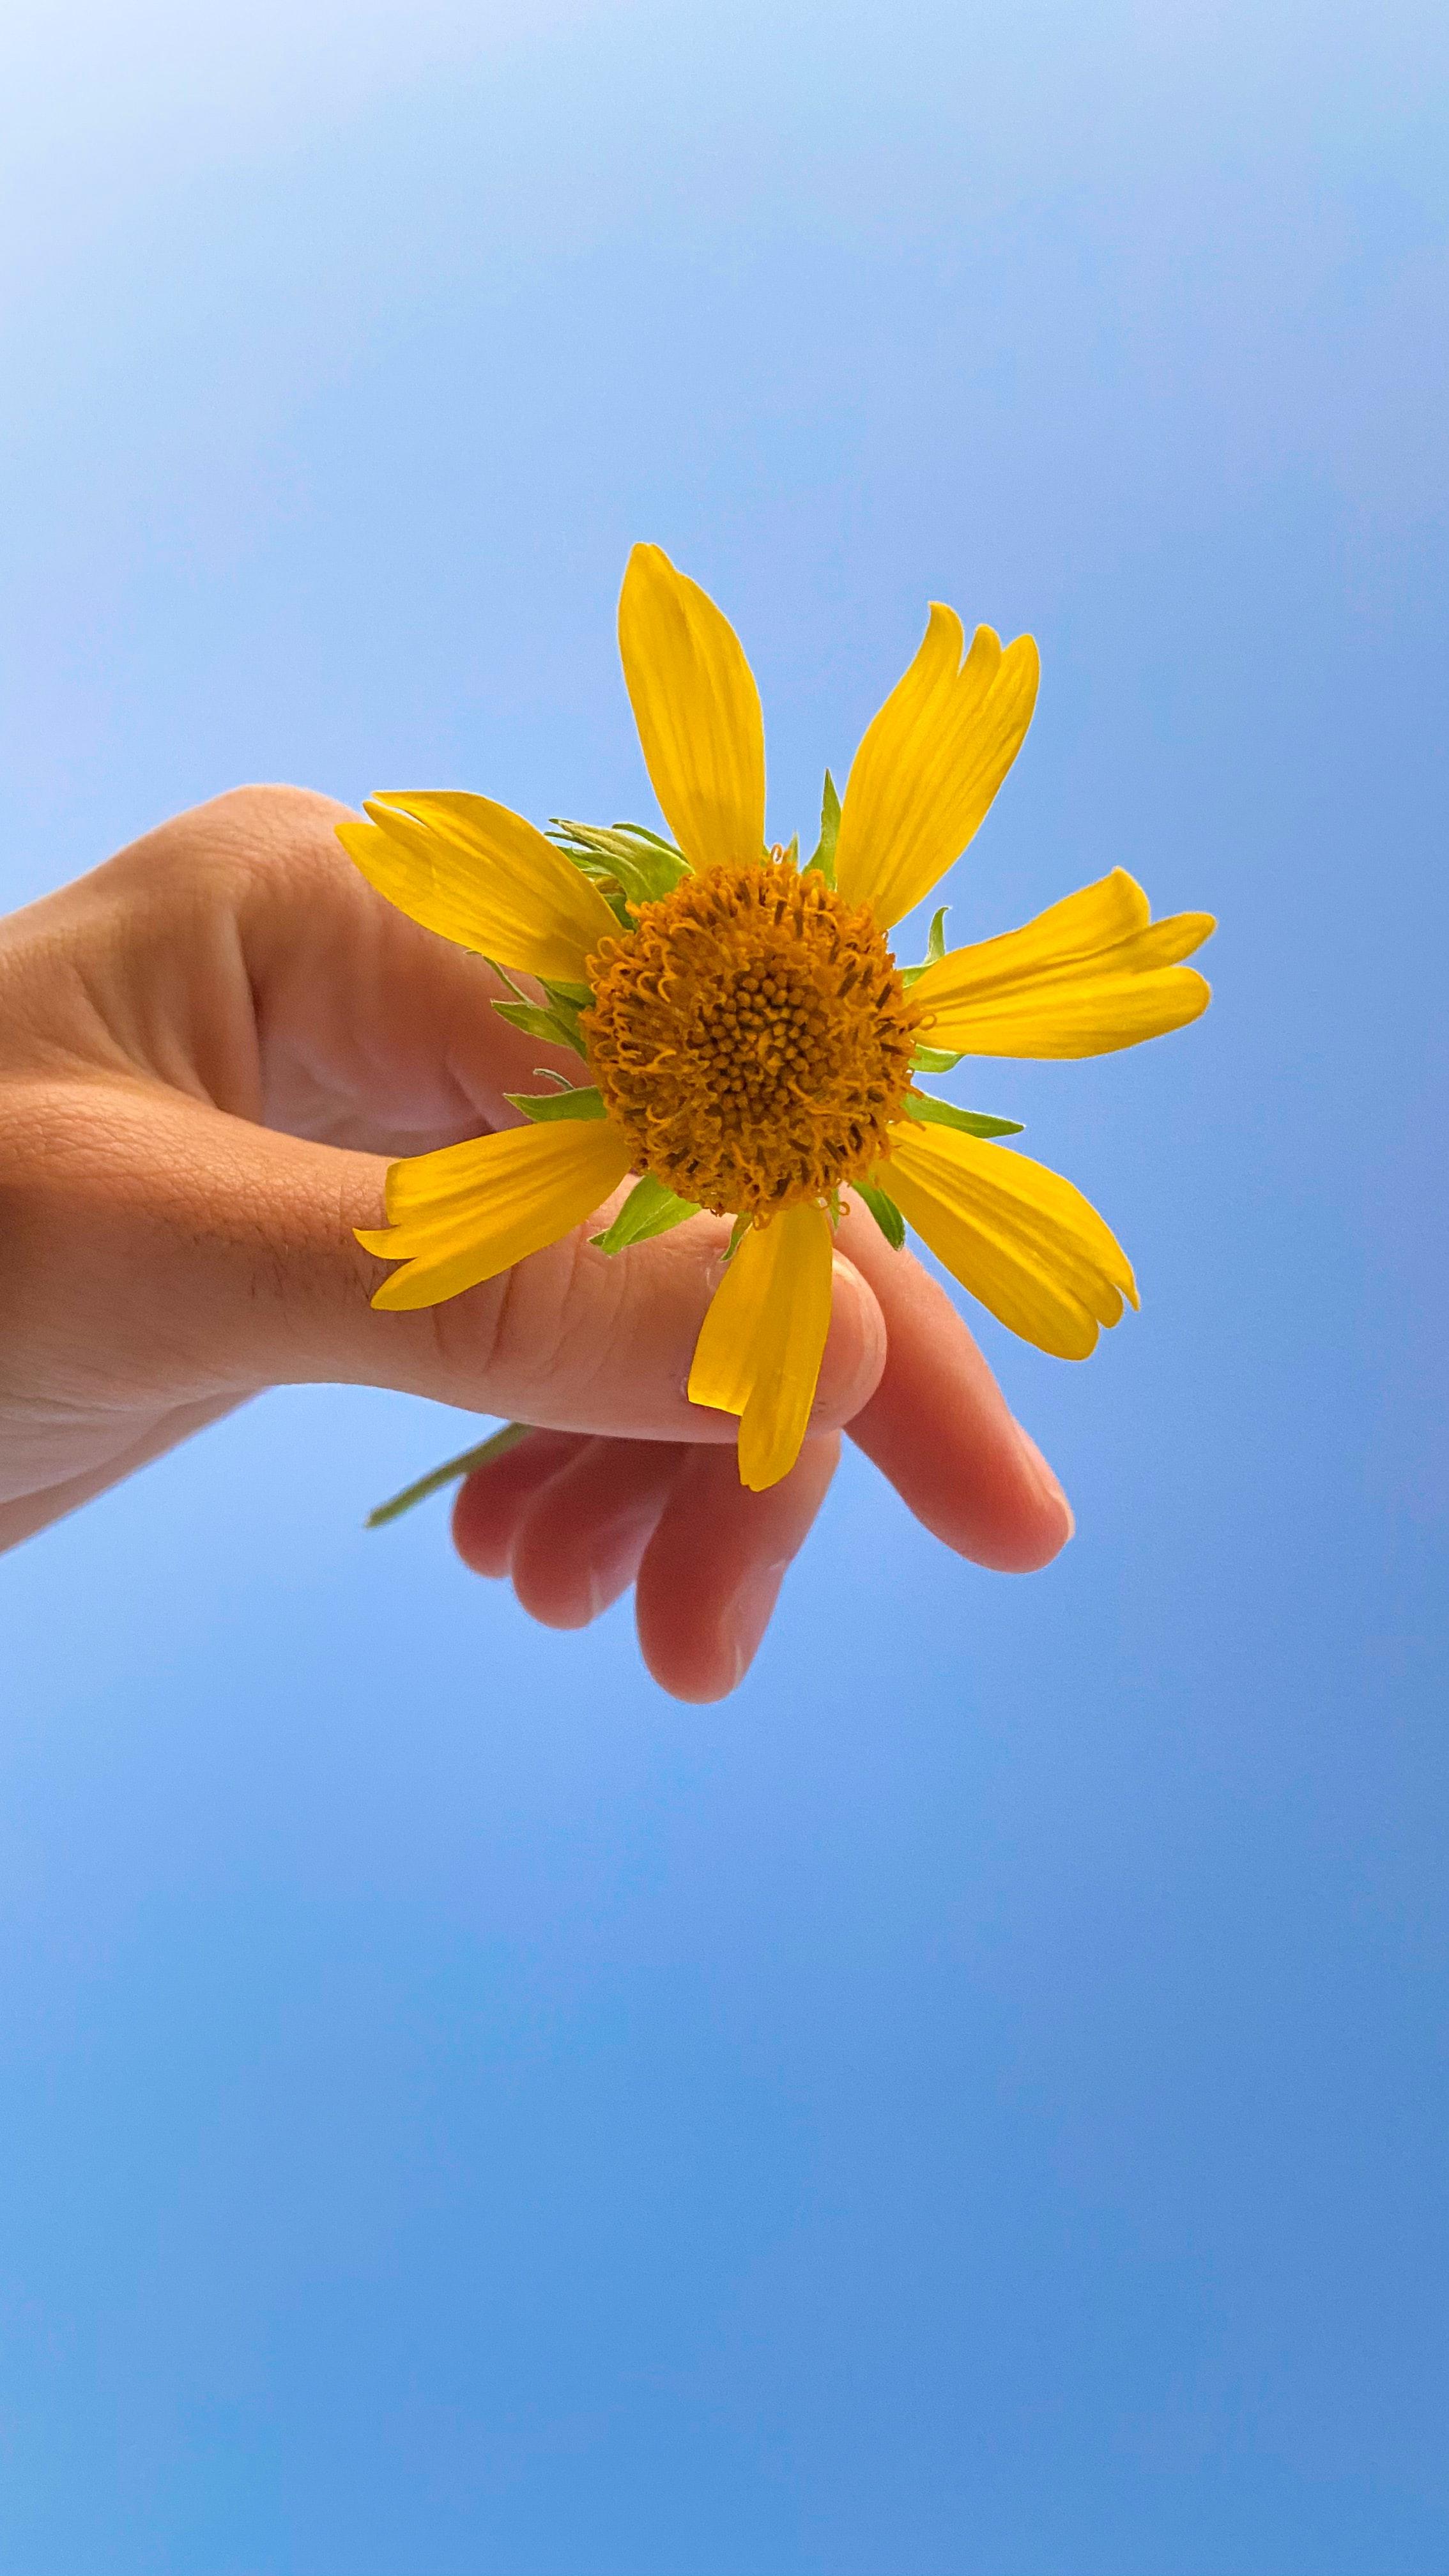 155614 скачать обои Цветы, Цветок, Лепестки, Рука, Небо - заставки и картинки бесплатно